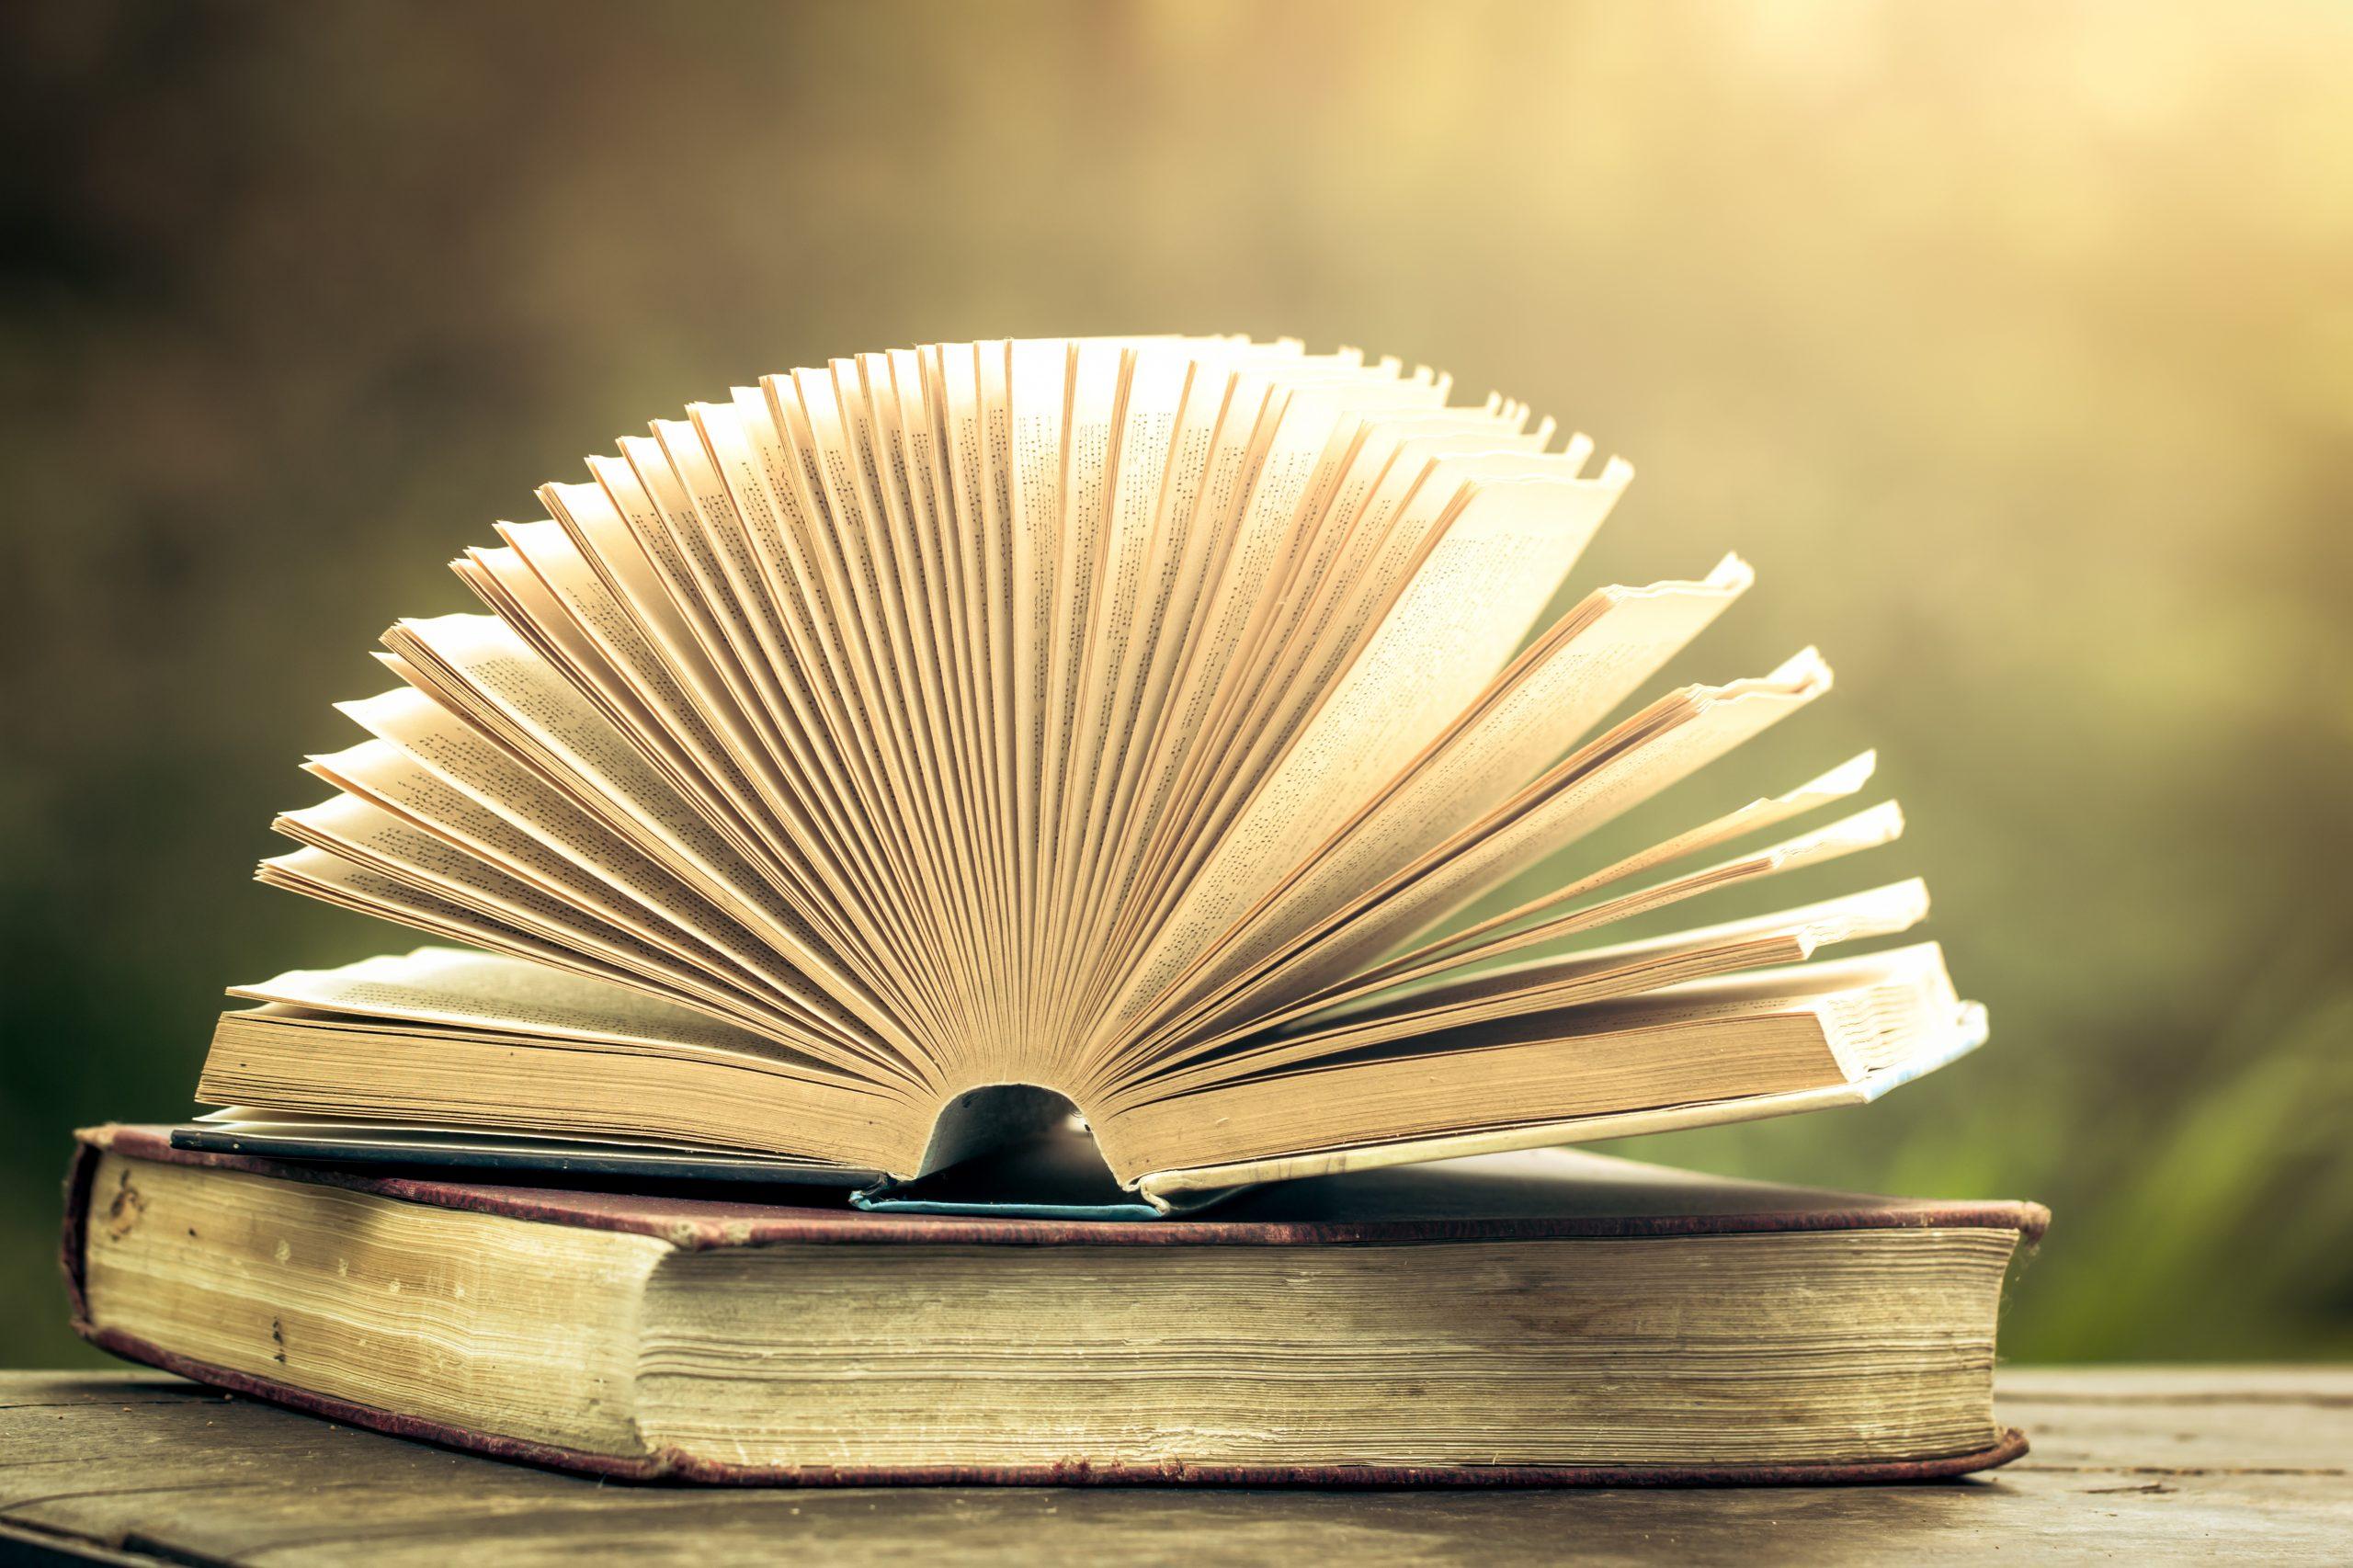 Migliori libri fantasy 2020: Guida all'acquisto